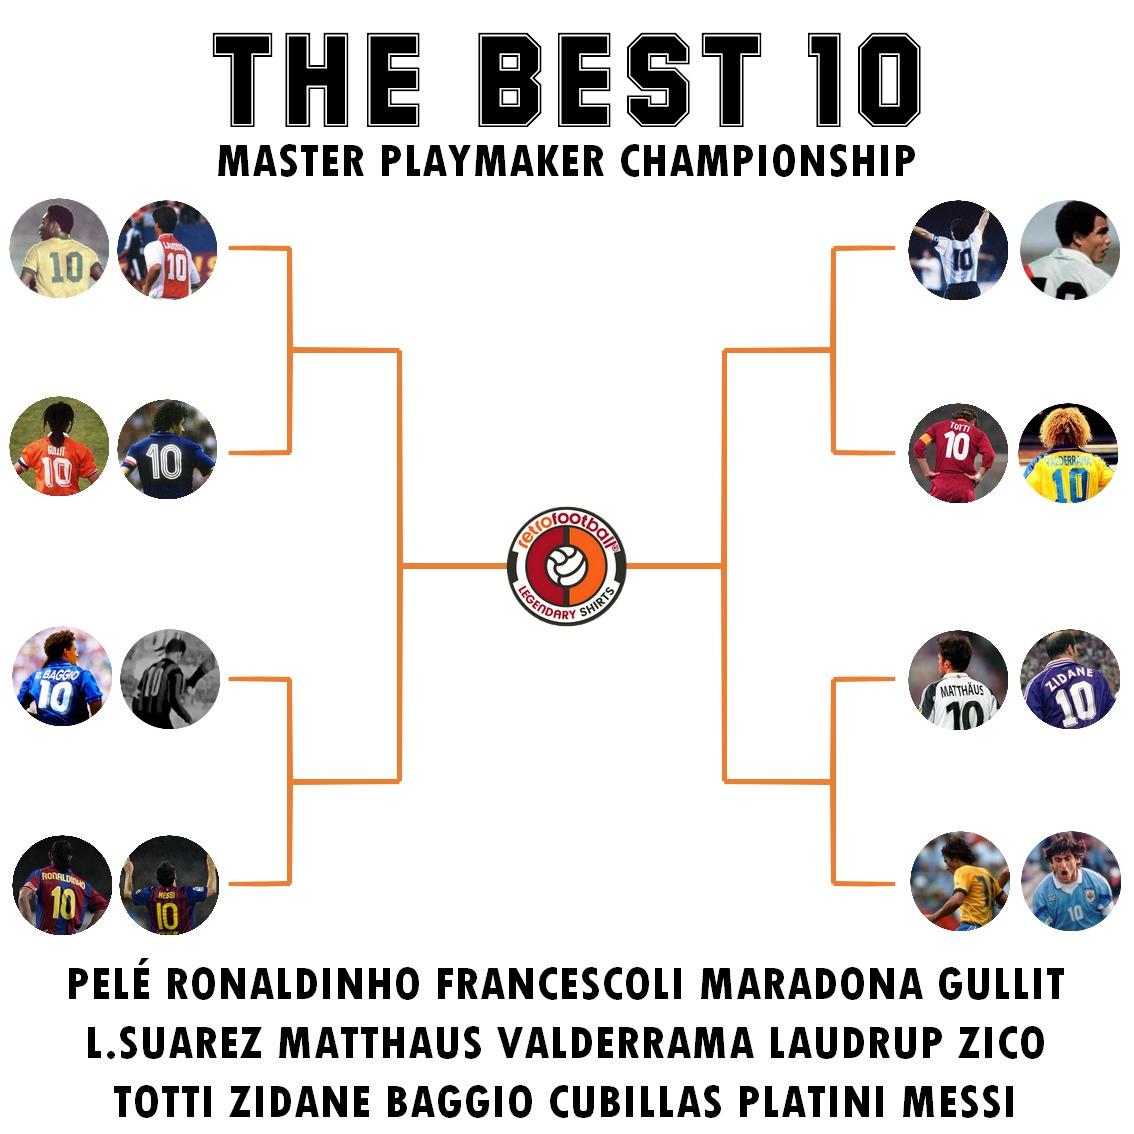 Le Meilleur 10 - The Best 10 Championship Retrofootball